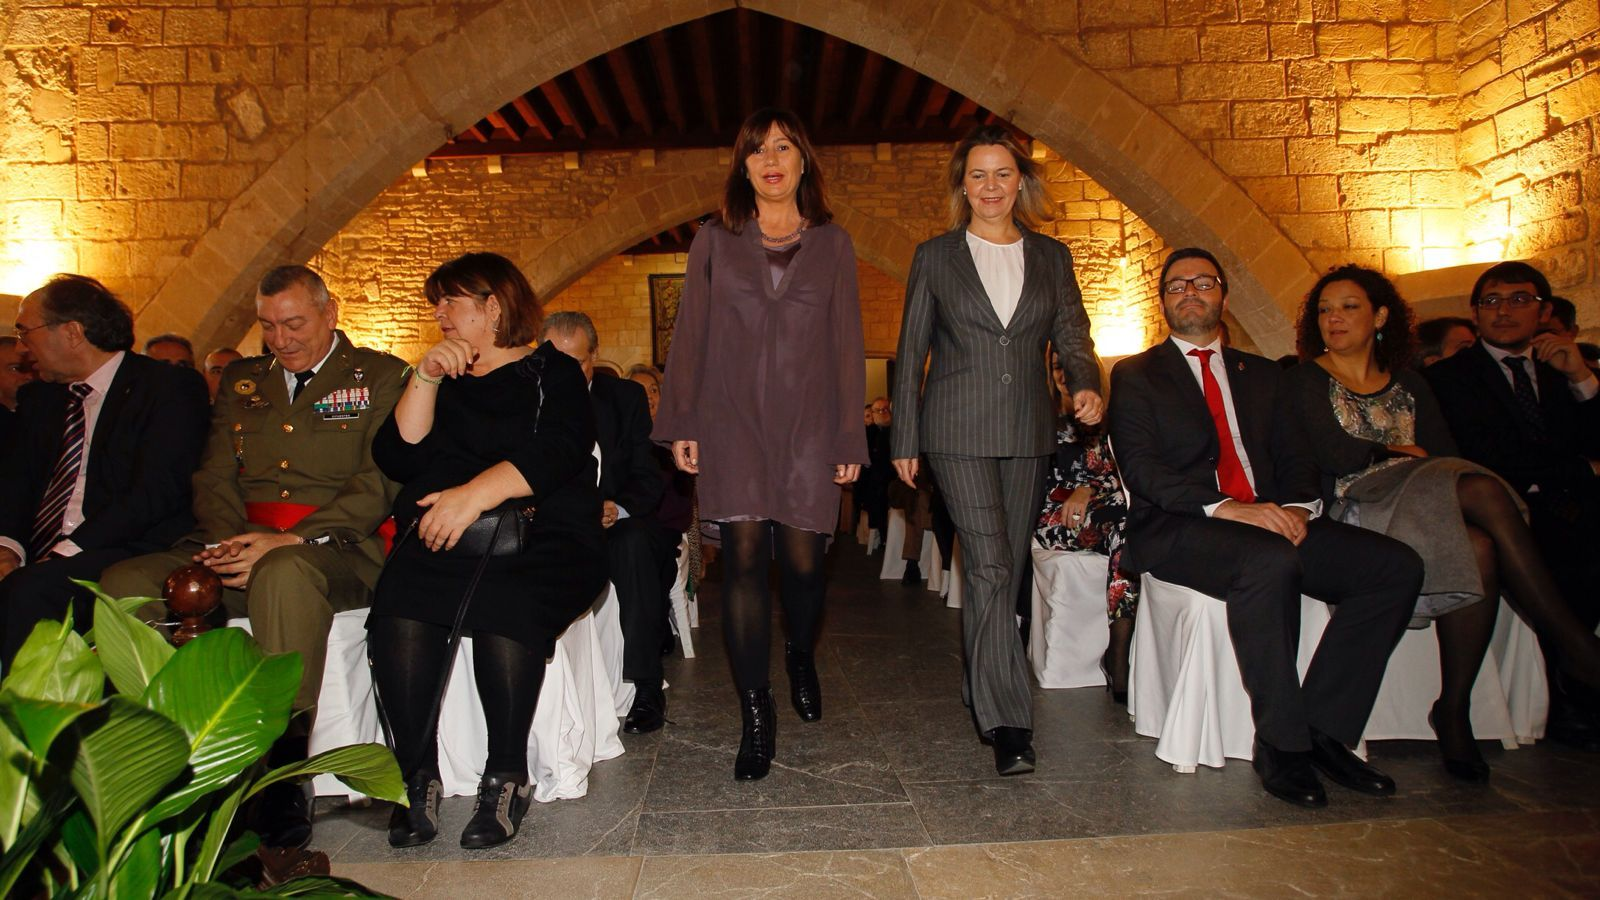 La presidenta, Francina Armengol, i la delegada del Govern, Maria Salom, en l'acte pel Dia de la Constitució.